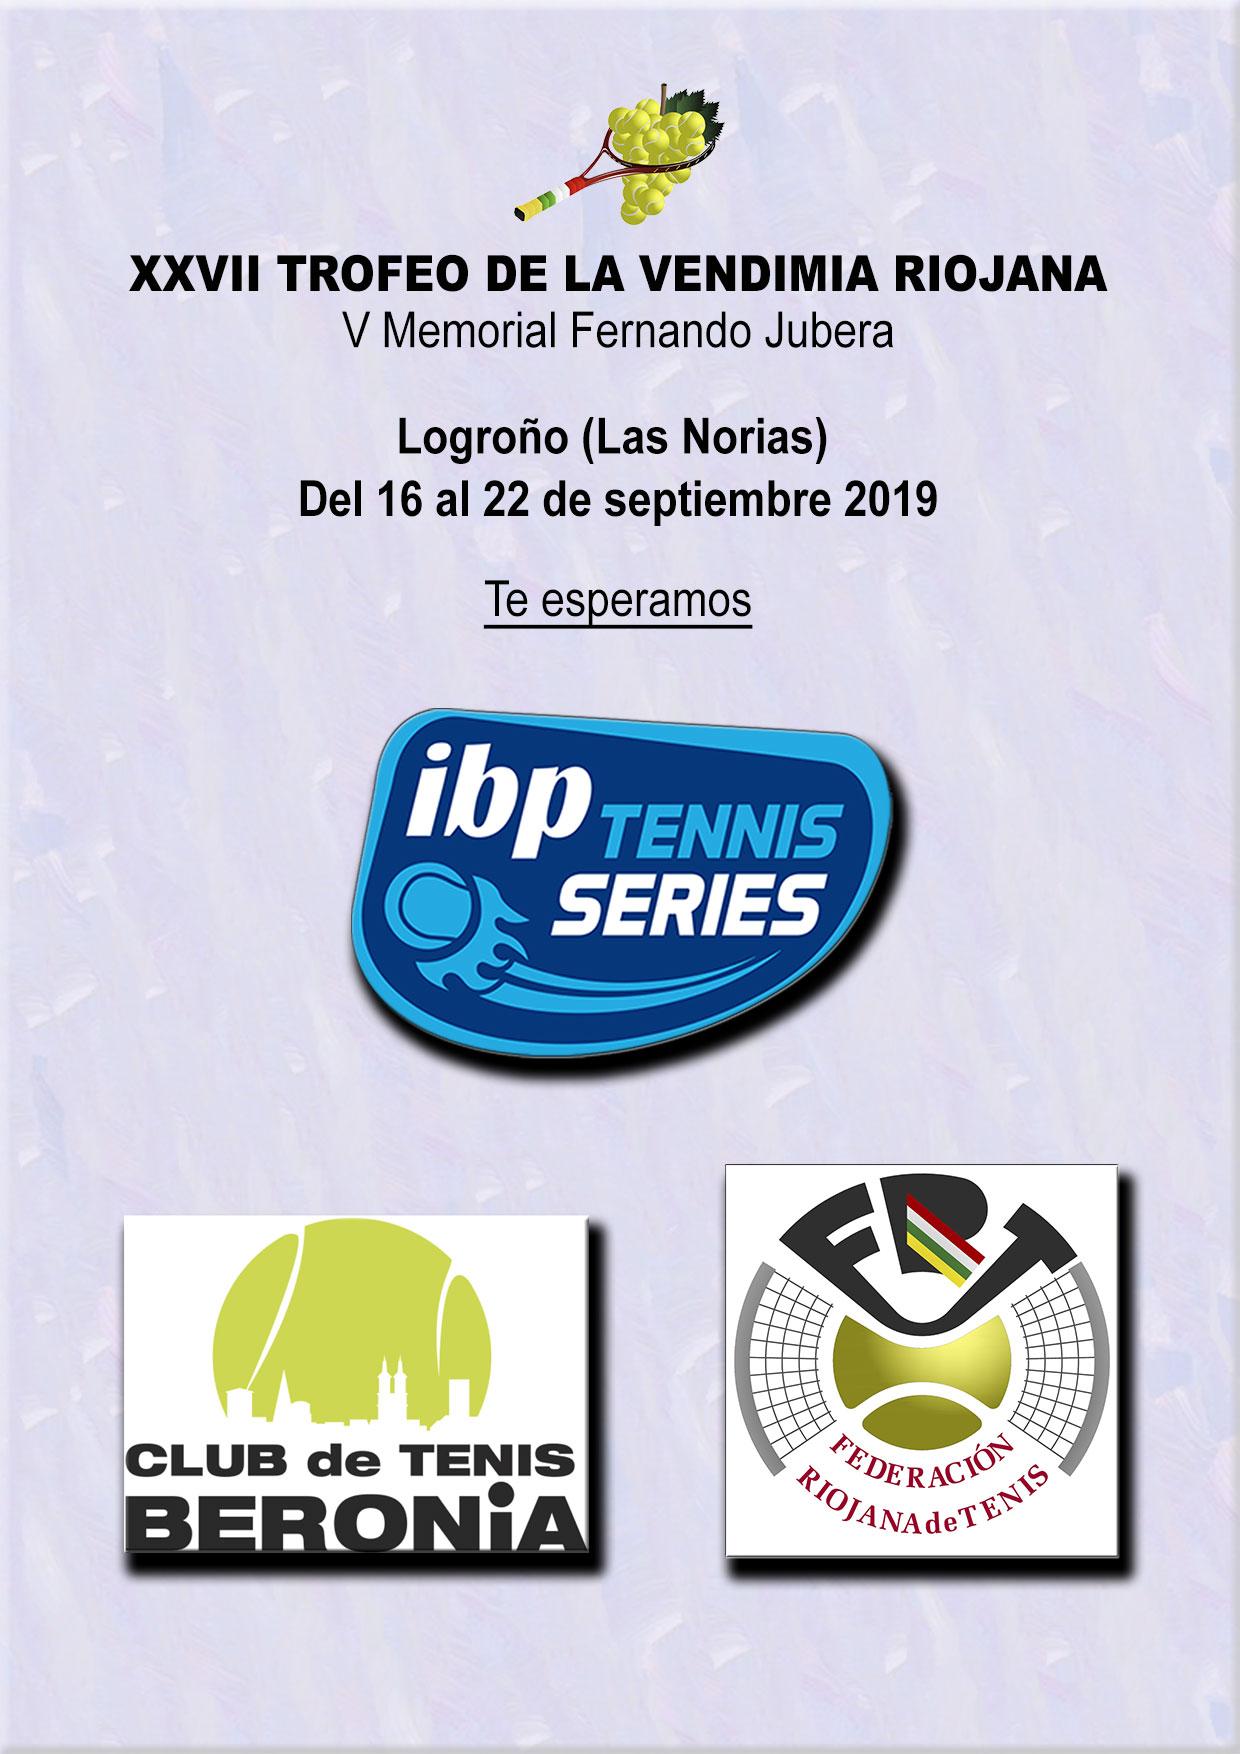 Trofeo de la Vendimia IBP Tennis Series